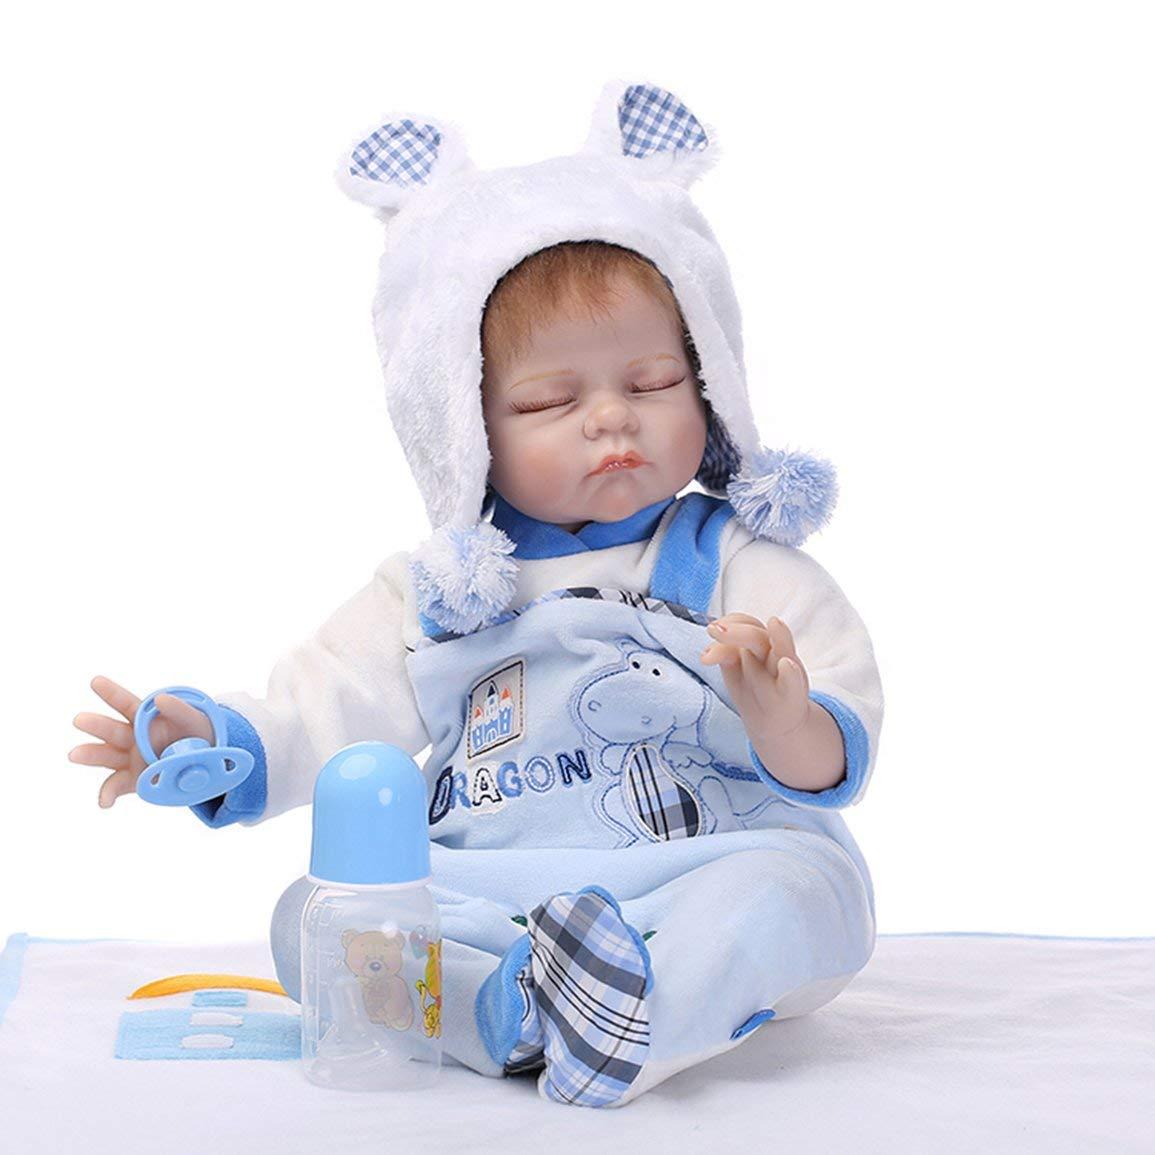 Reducción de precio 55cm de cuerpo completo del bebé suave de silicona de vinilo muñeca del bebé recién nacido juguetes de la muñeca de la muchacha de los niños de la muñeca renacida Playmate regalo de la m